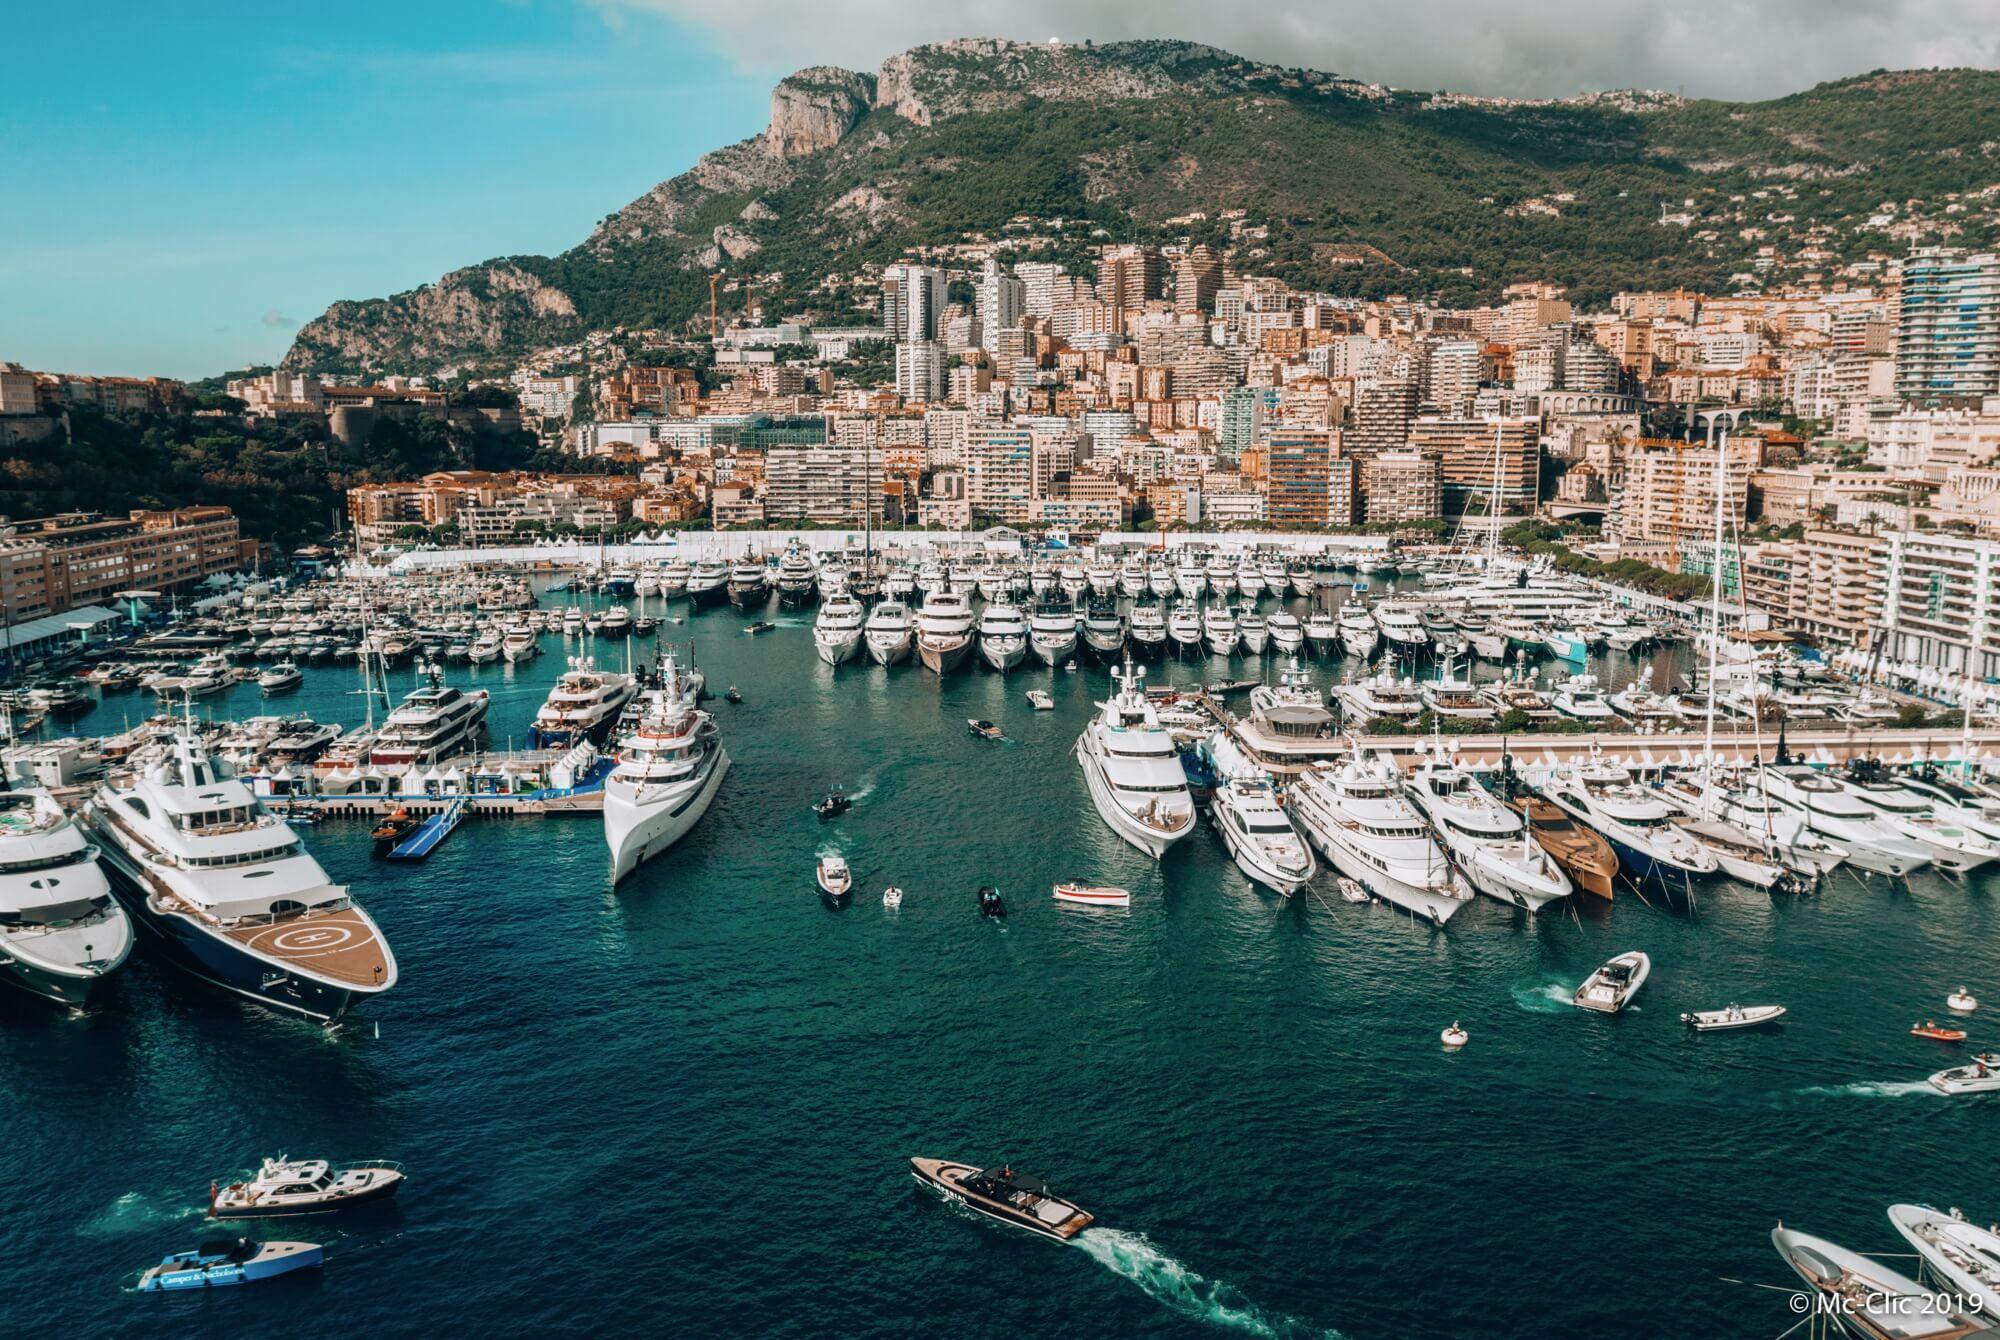 Deutsche Yachten exhibits in Monaco